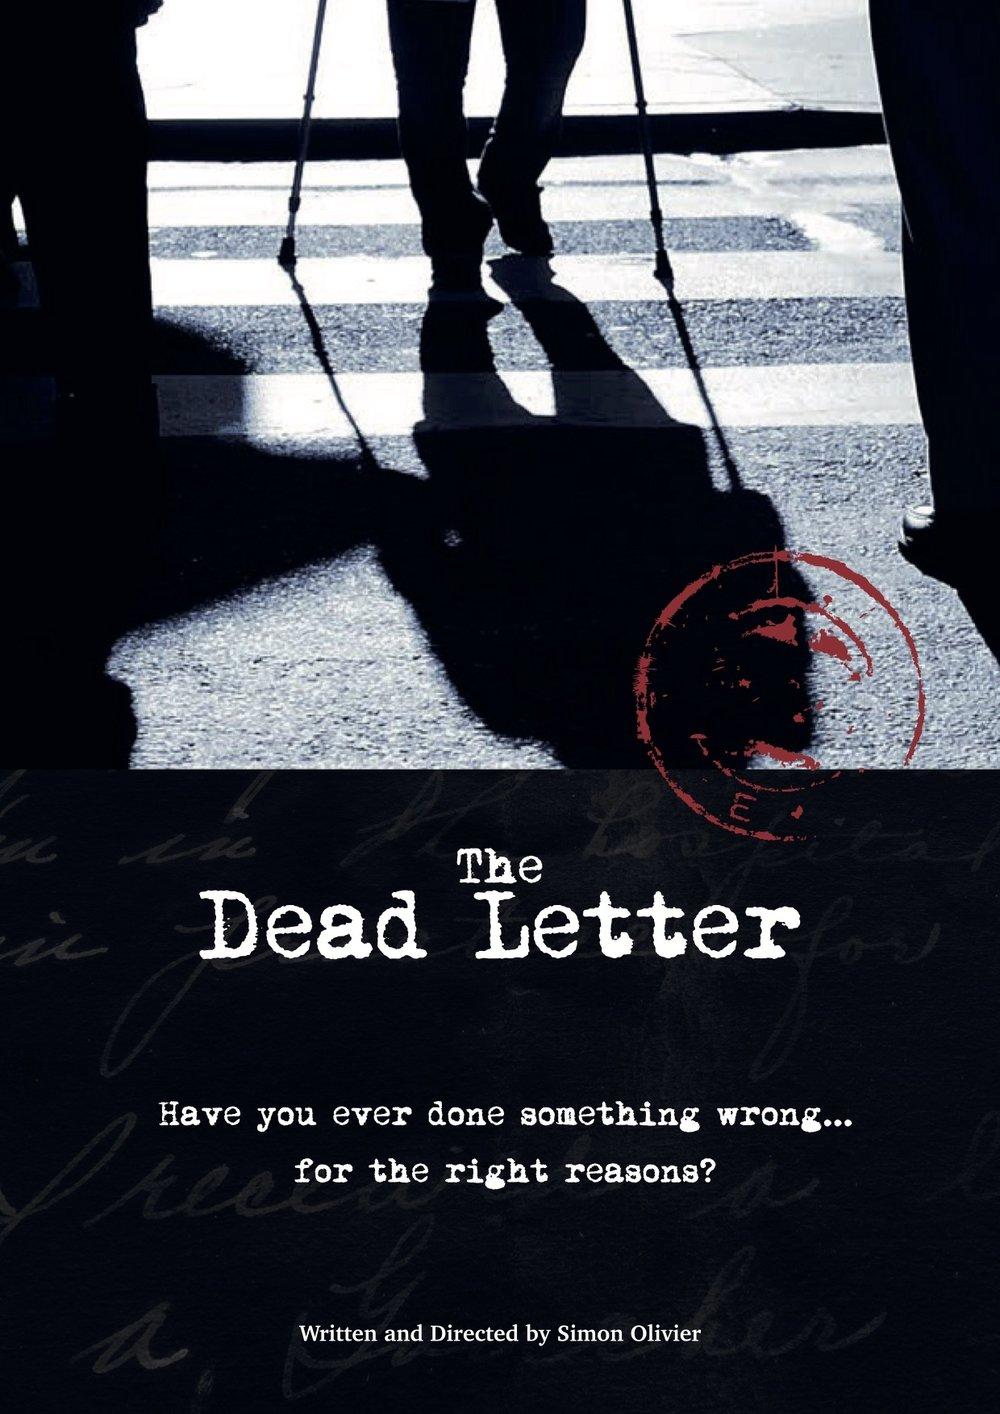 The Dead Letter 1-pager JPG.jpg